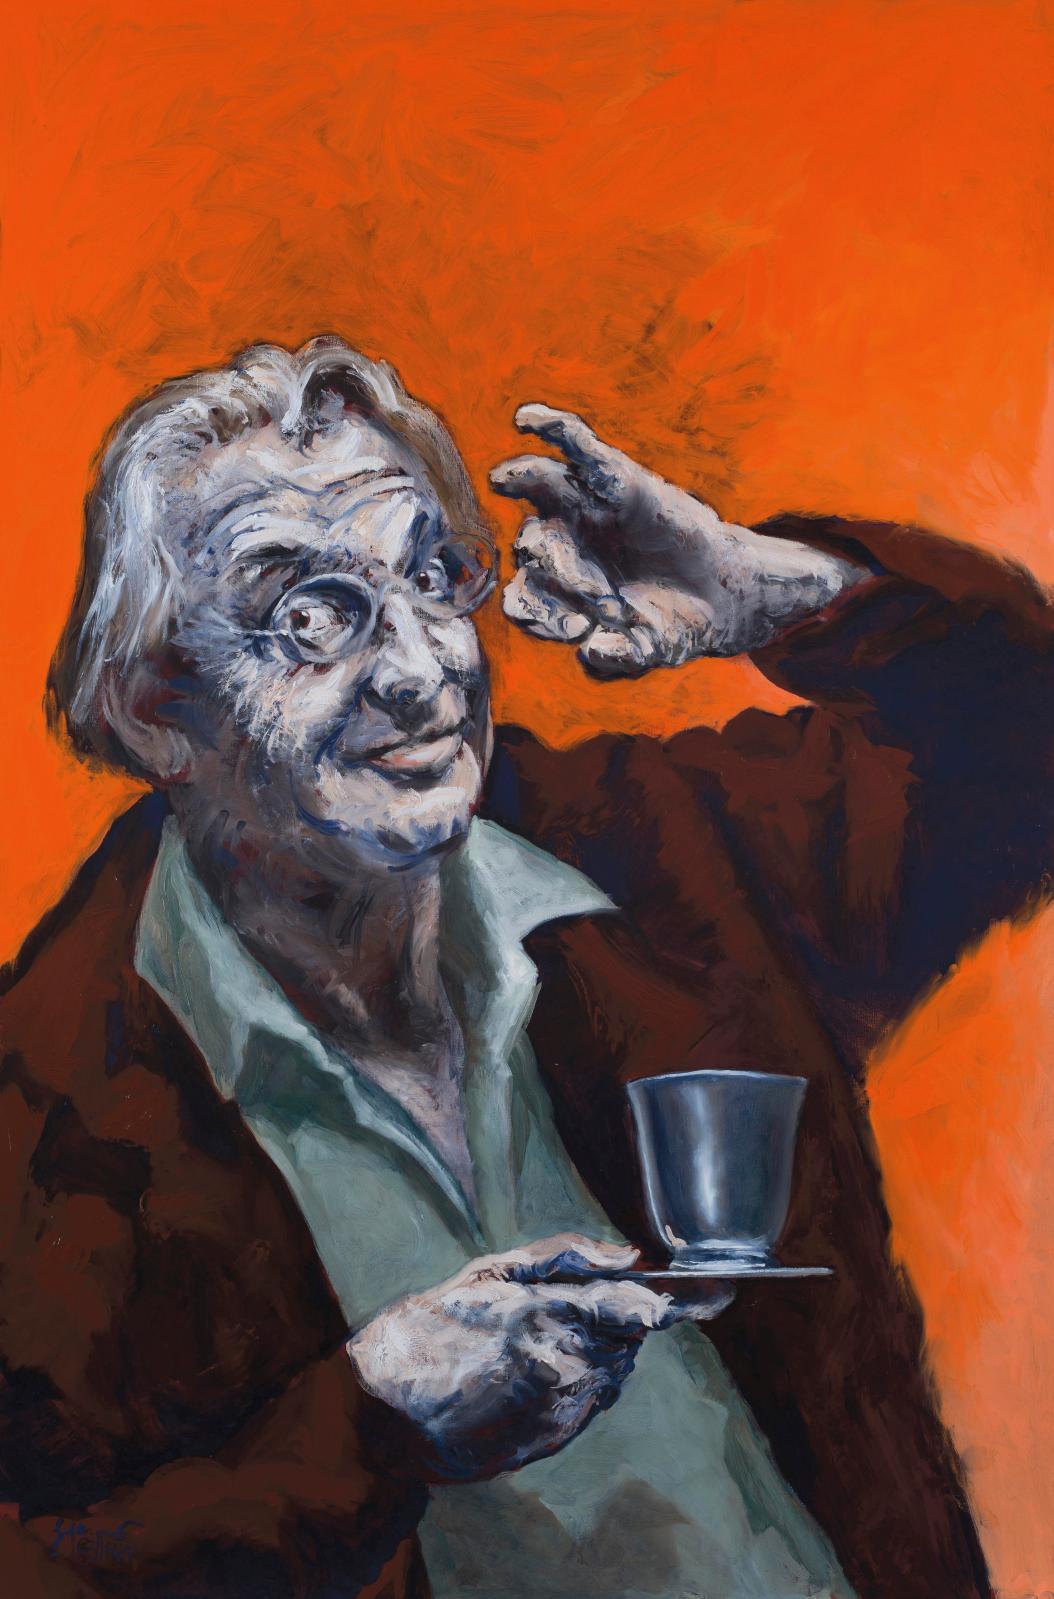 Gérard Garouste (né en 1946), Le Maître Panetier, Le Maître Échanson, 2016, huile sur toile, 195 x 270cm, diptyque (un panneau reproduit)